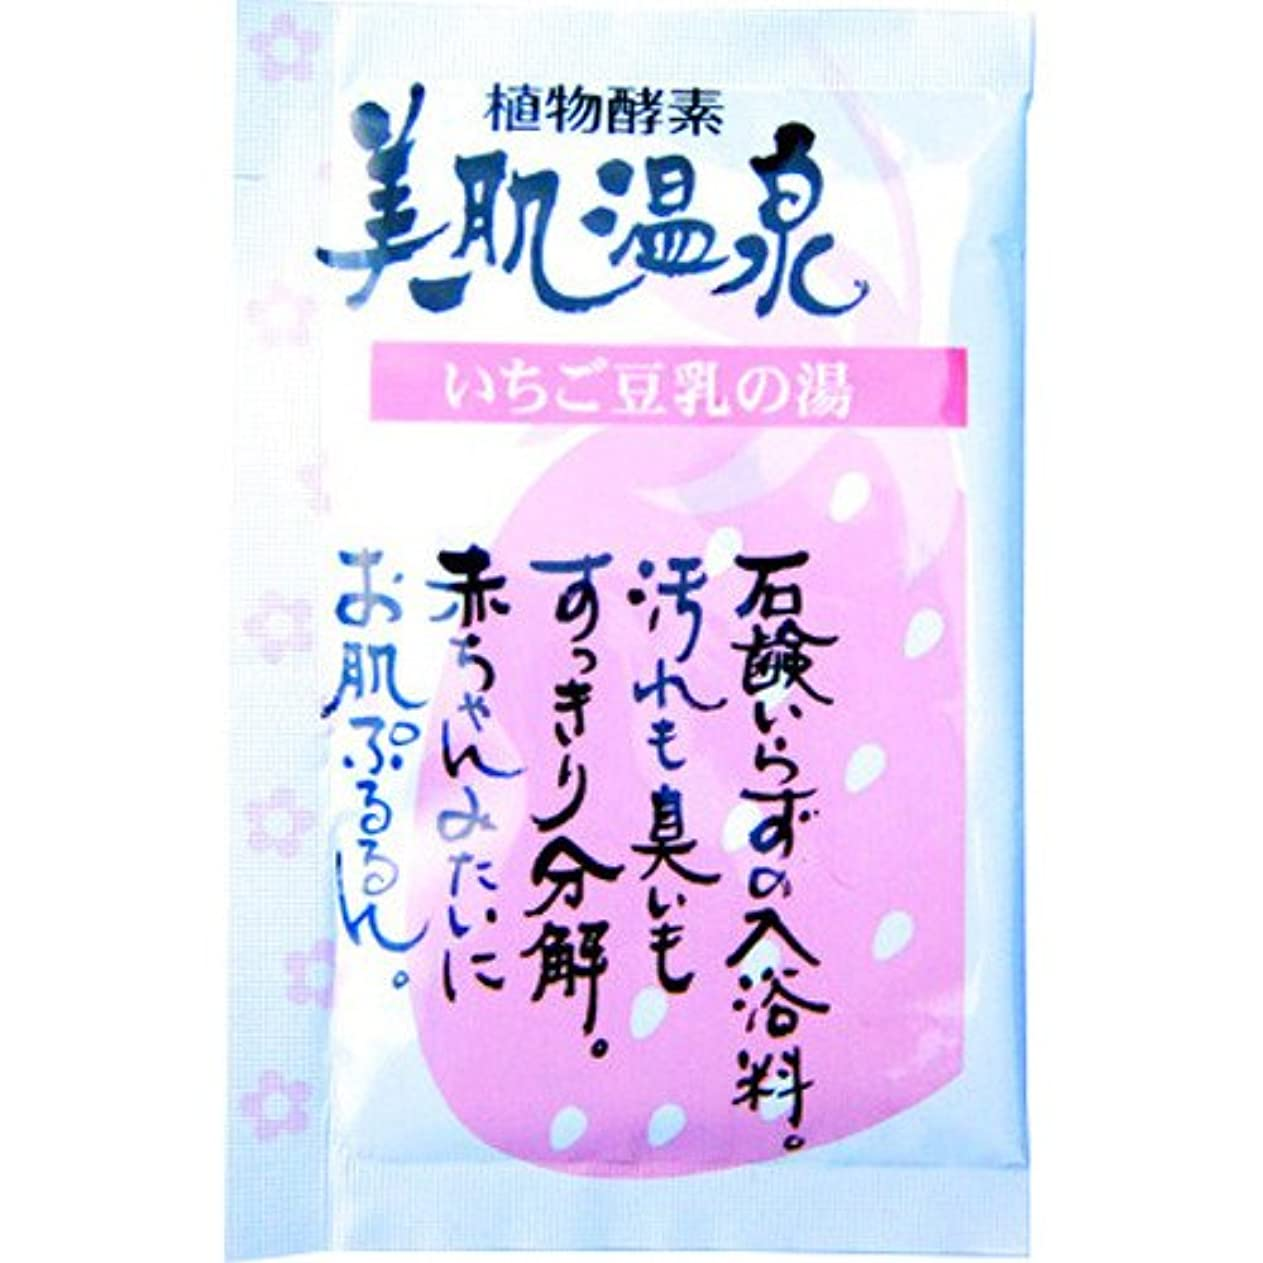 意外減衰カートリッジ植物酵素 美肌温泉 いちご豆乳の湯